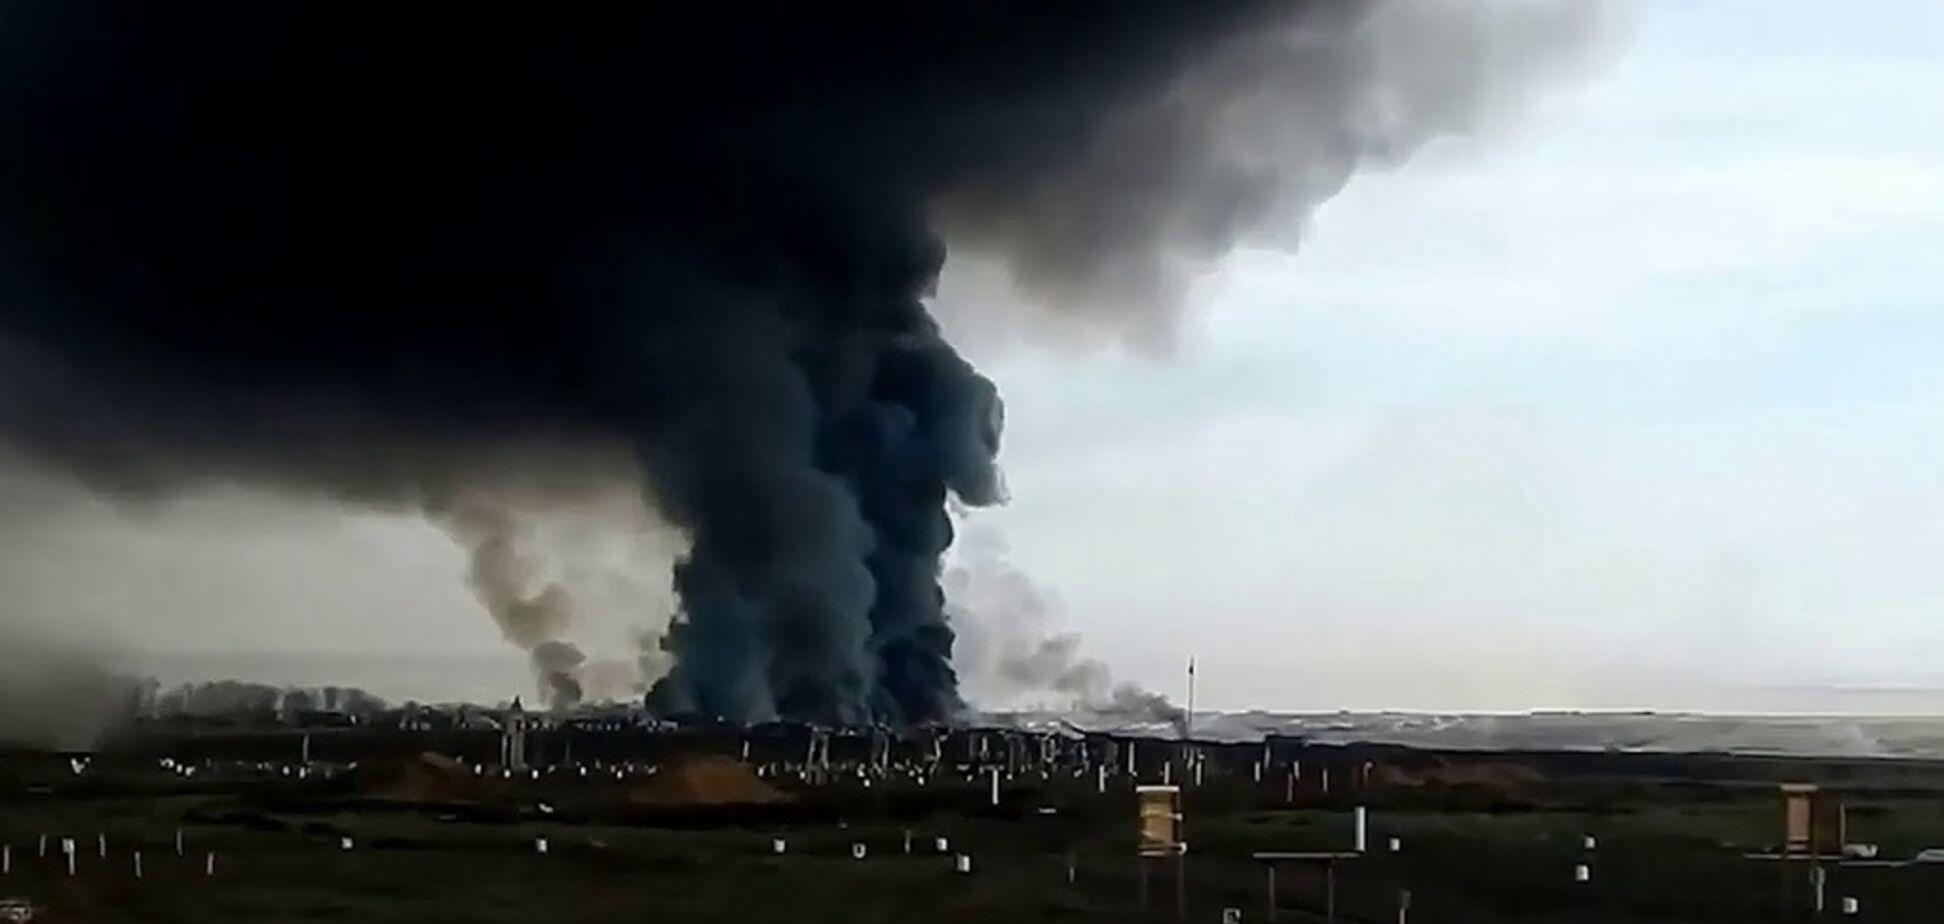 'Це радіація!' У Росії почалася паніка через вибухи на військовому полігоні